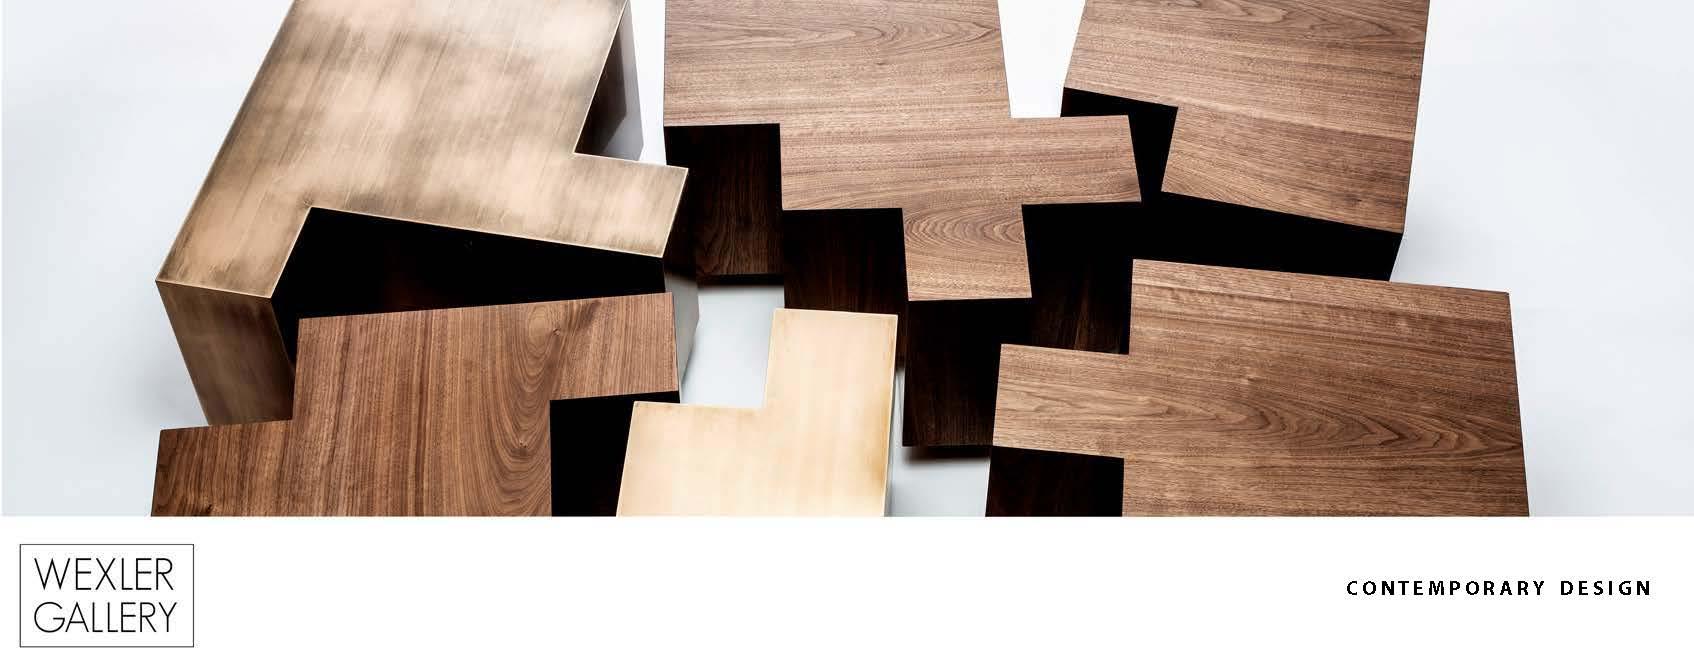 Wexler Catalog_Contemporary Design 2020 Cover